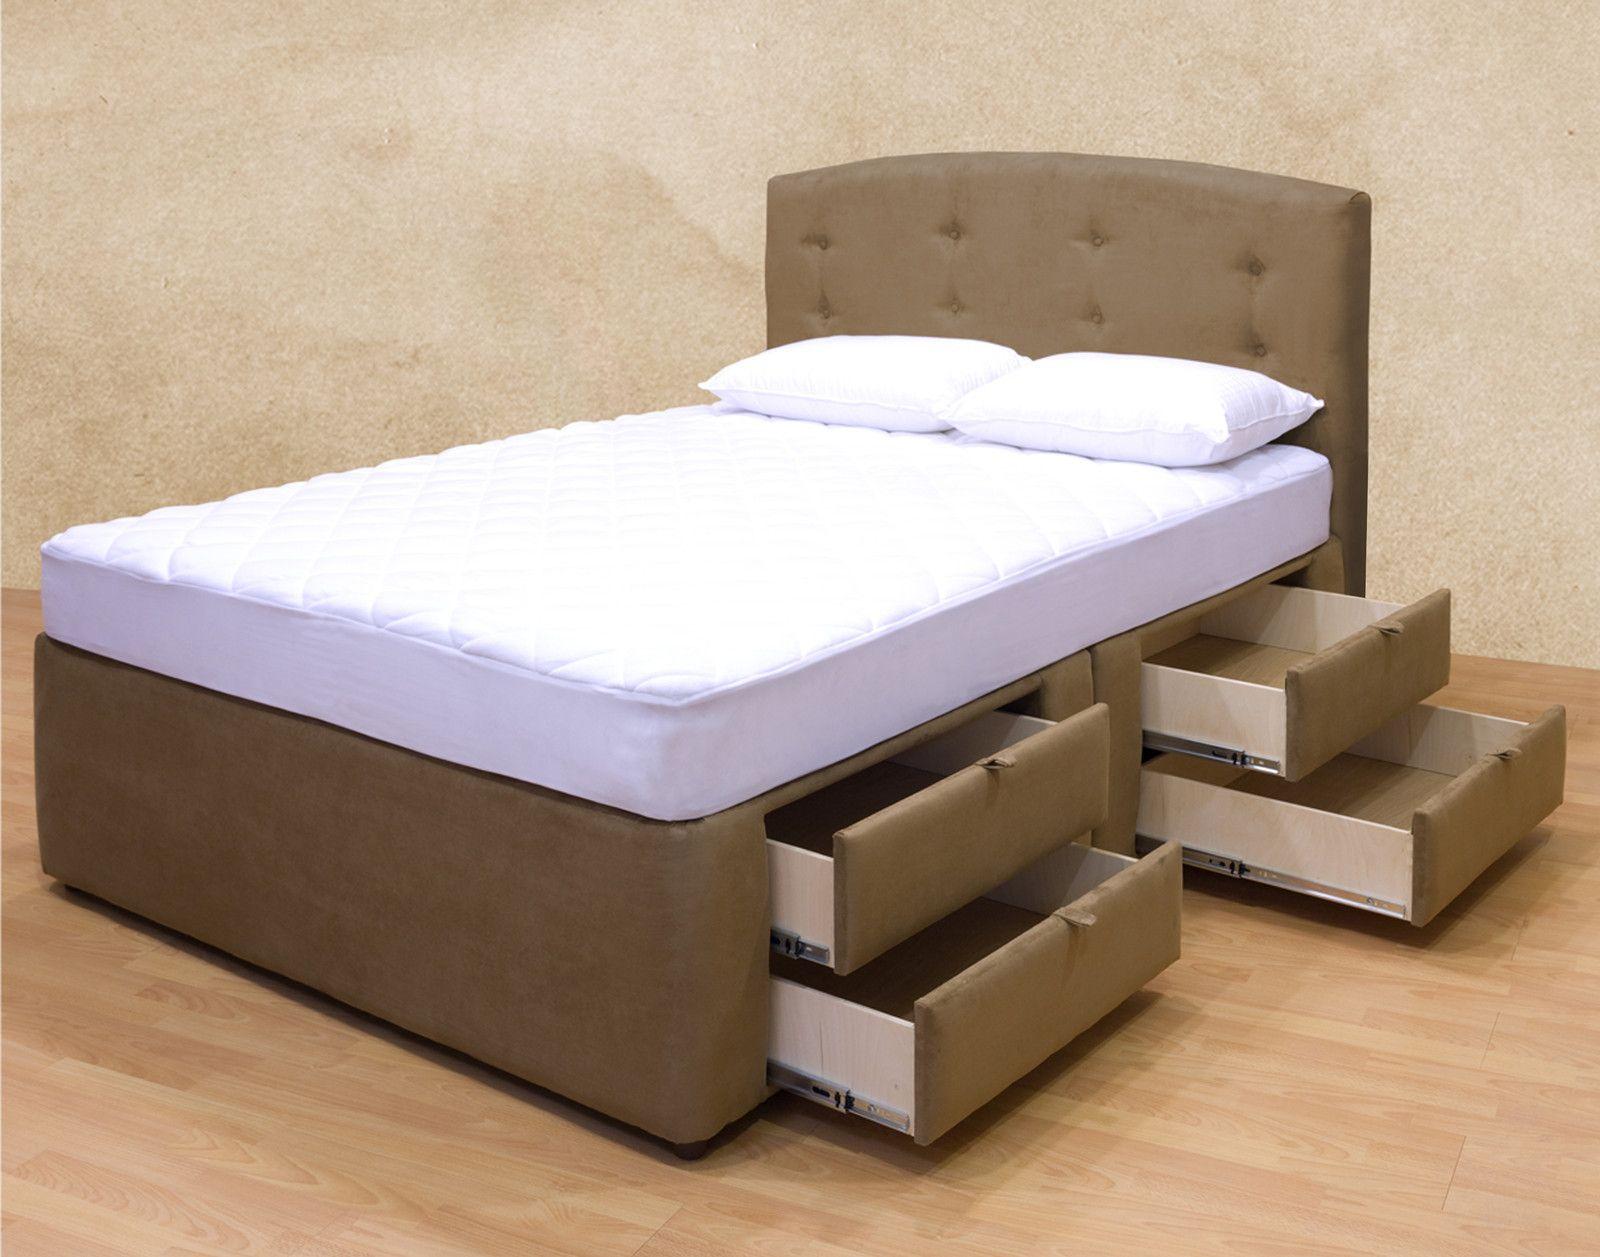 Esmeralda Luxury Bed 8 Drawers Plattform Bett Lagerung Bett Lagerung Selbstgemachte Bettrahmen